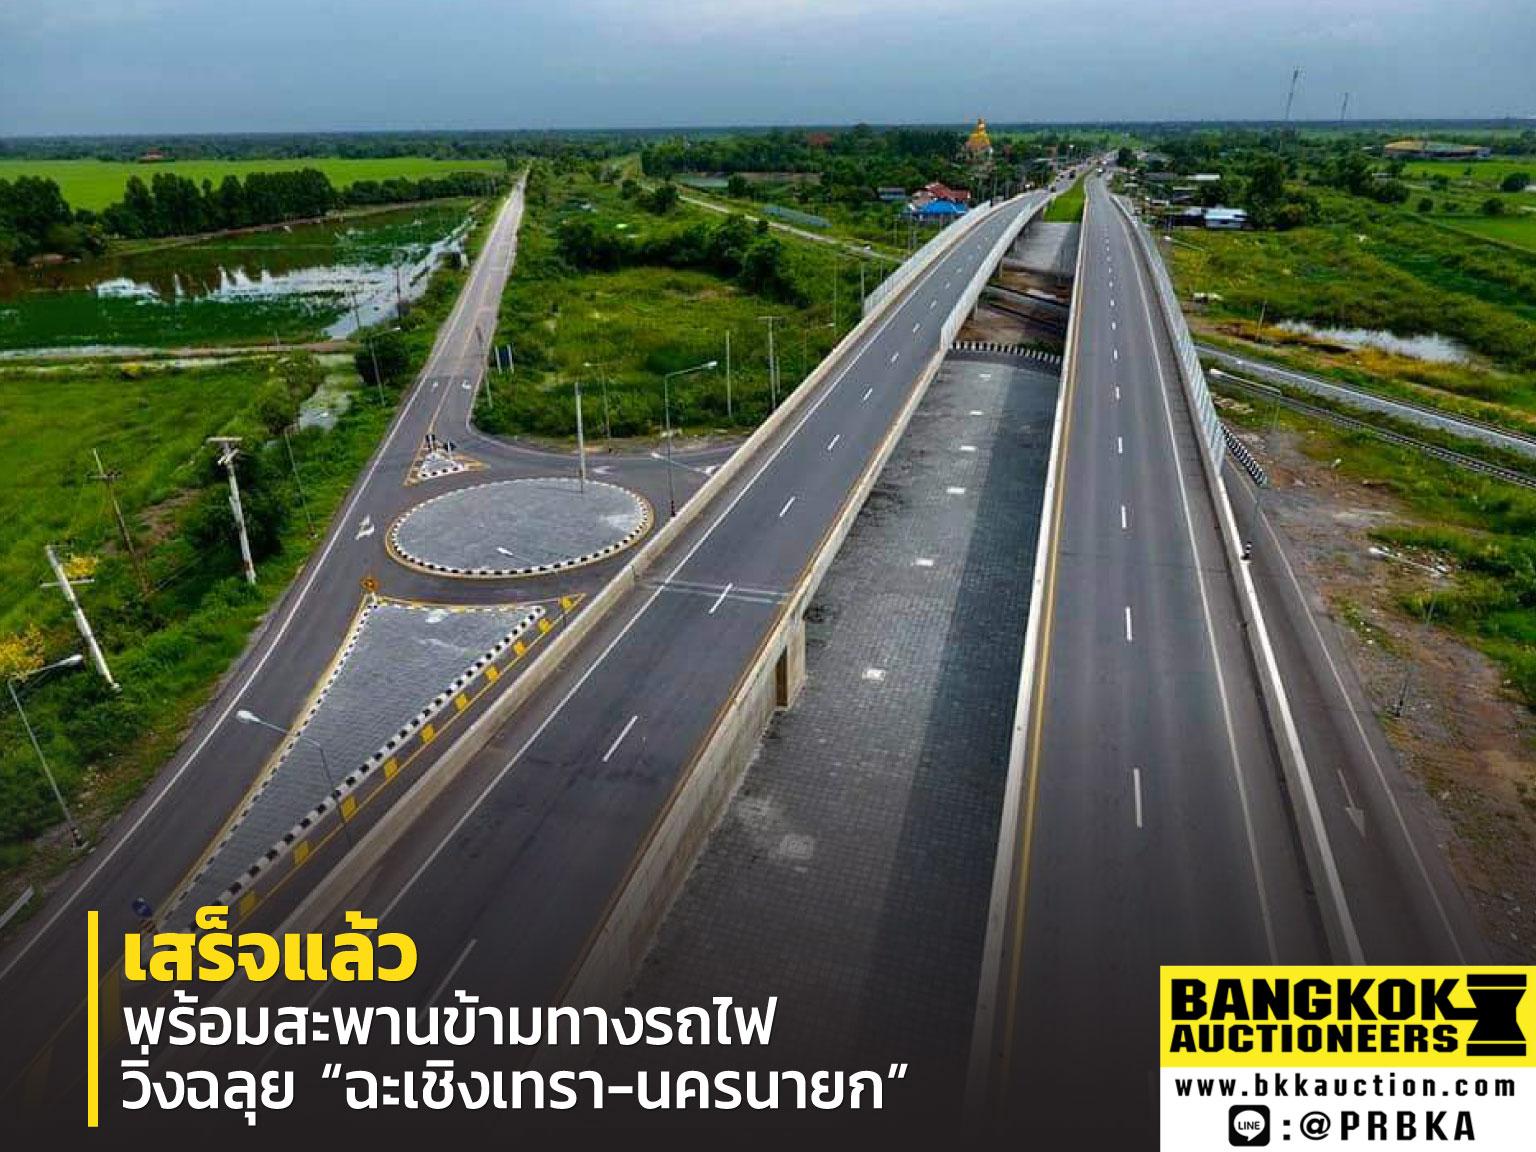 สะพานข้ามทางรถไฟ เชื่อม EEC